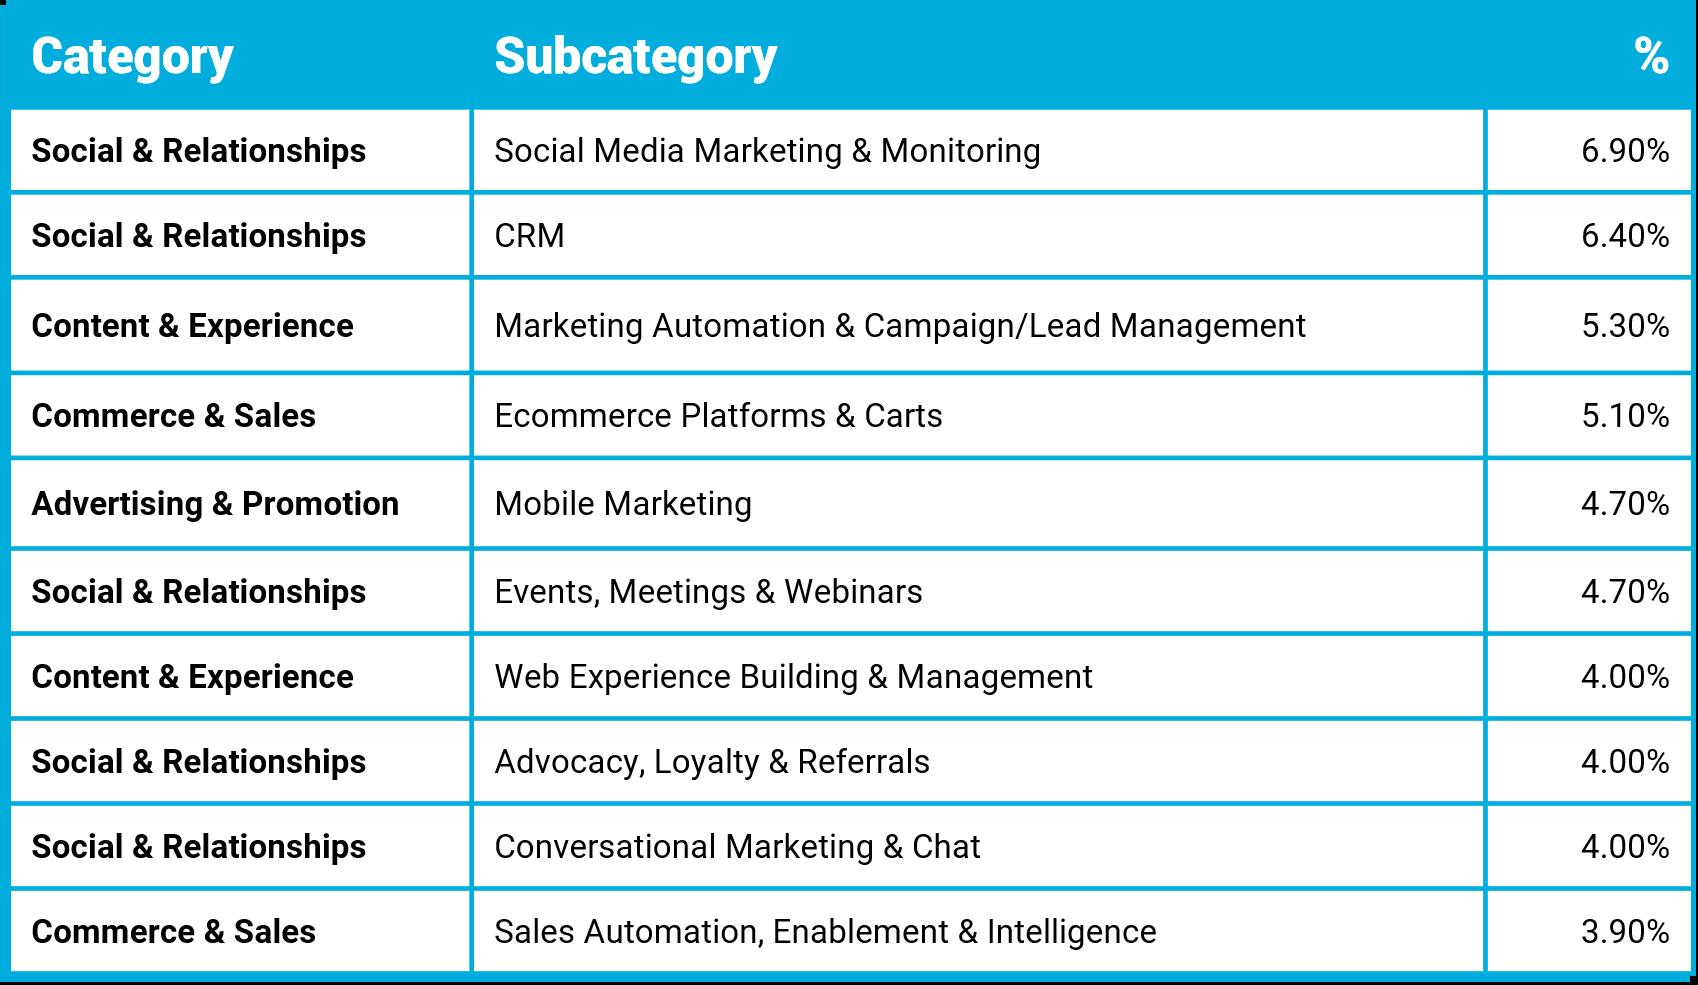 APAC MarTech Landscape Subcategories